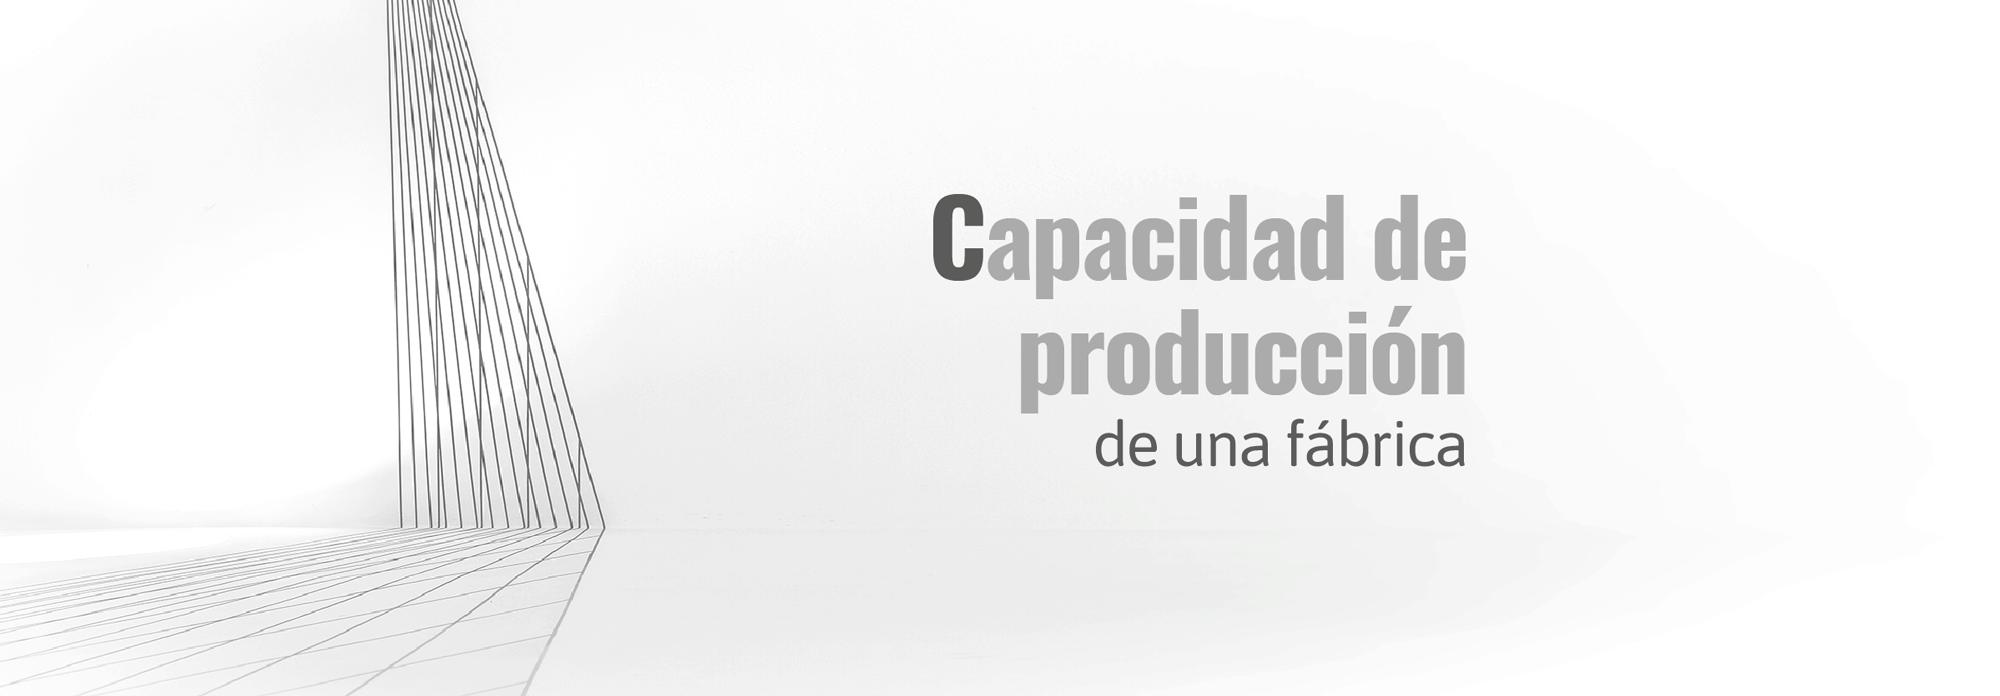 Capacidad de producción de una fábrica